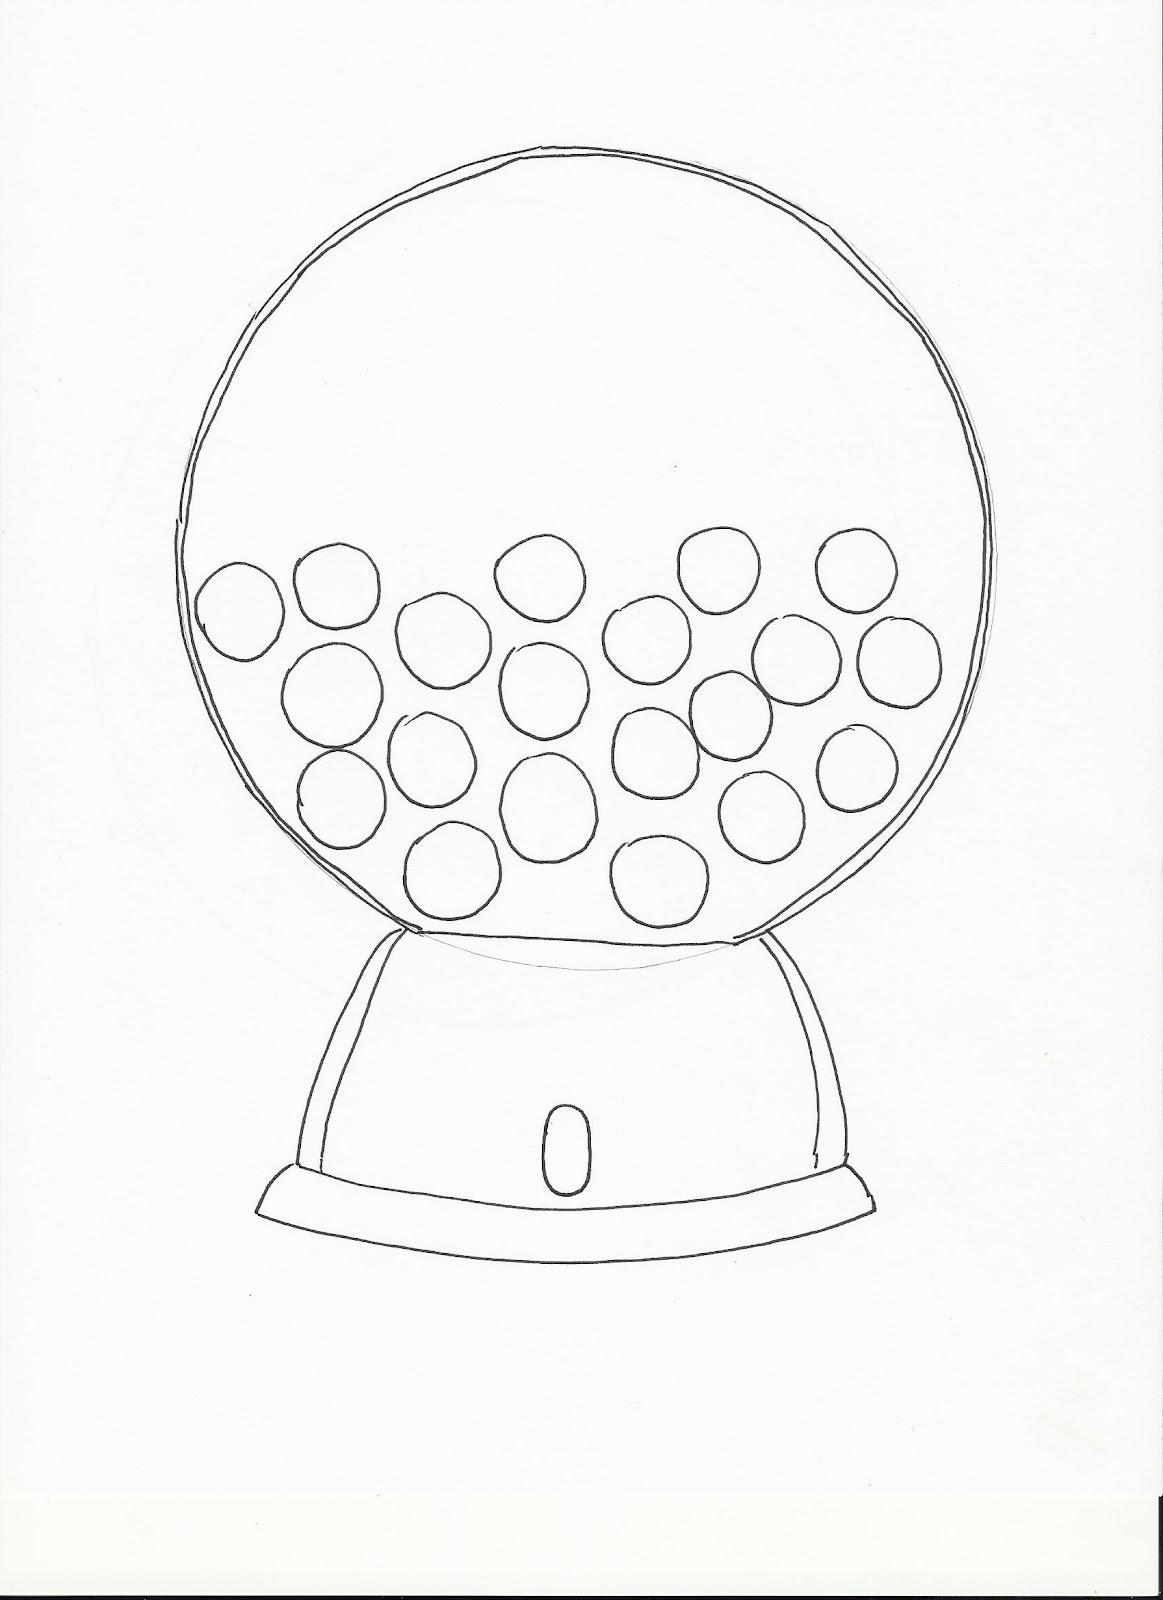 gumball machine drawing